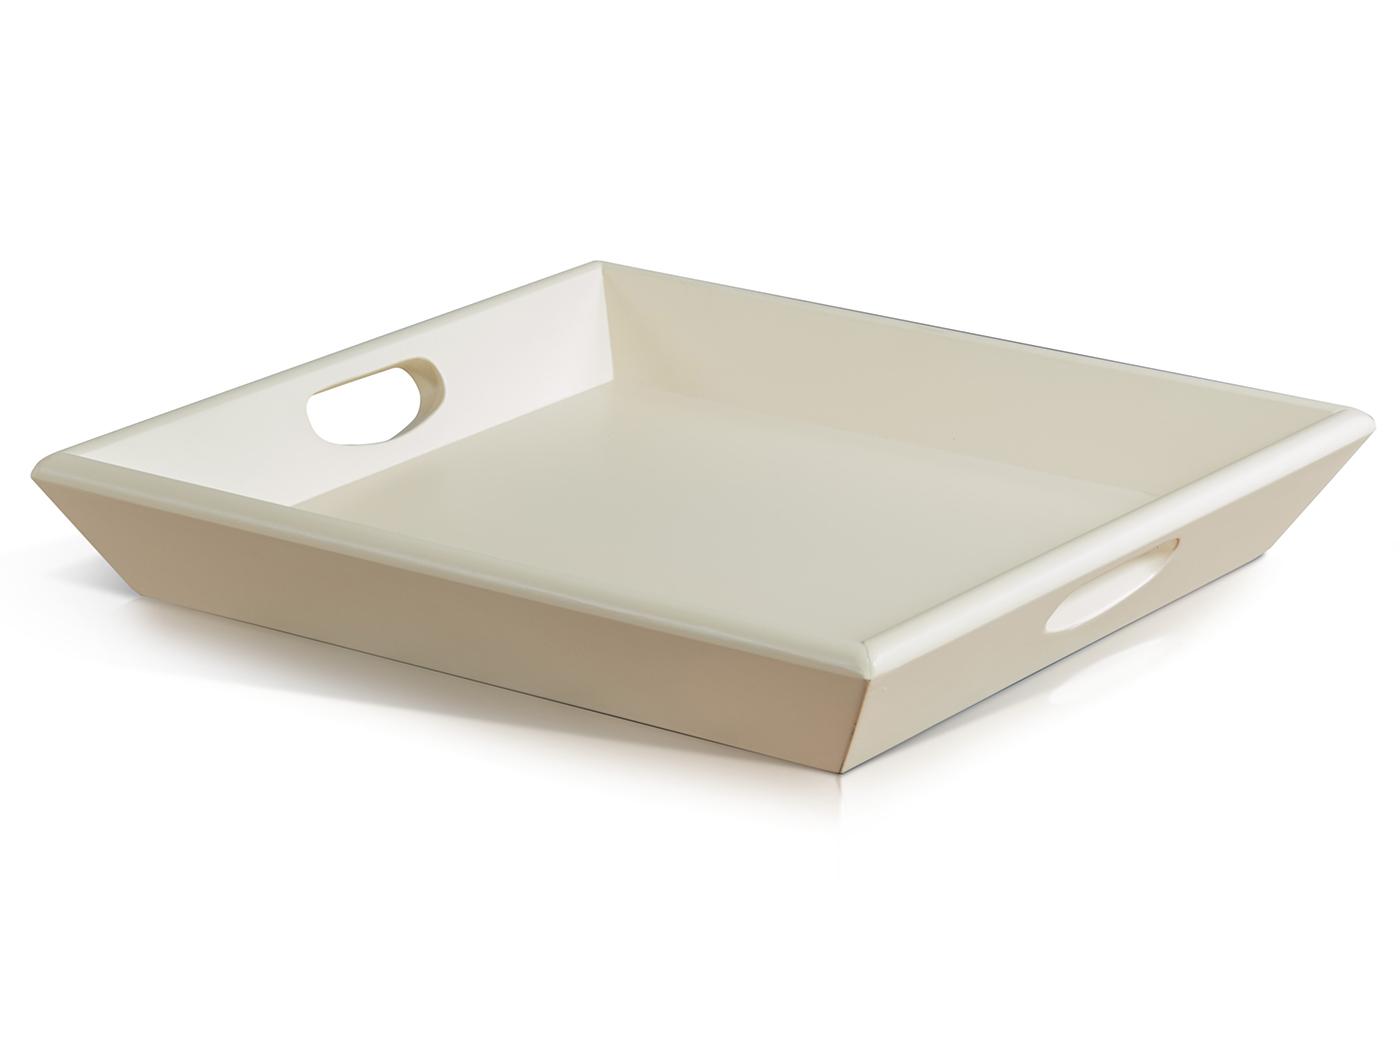 Swell Cream Wood Ottoman Tray 18X18 Steinhafels Inzonedesignstudio Interior Chair Design Inzonedesignstudiocom